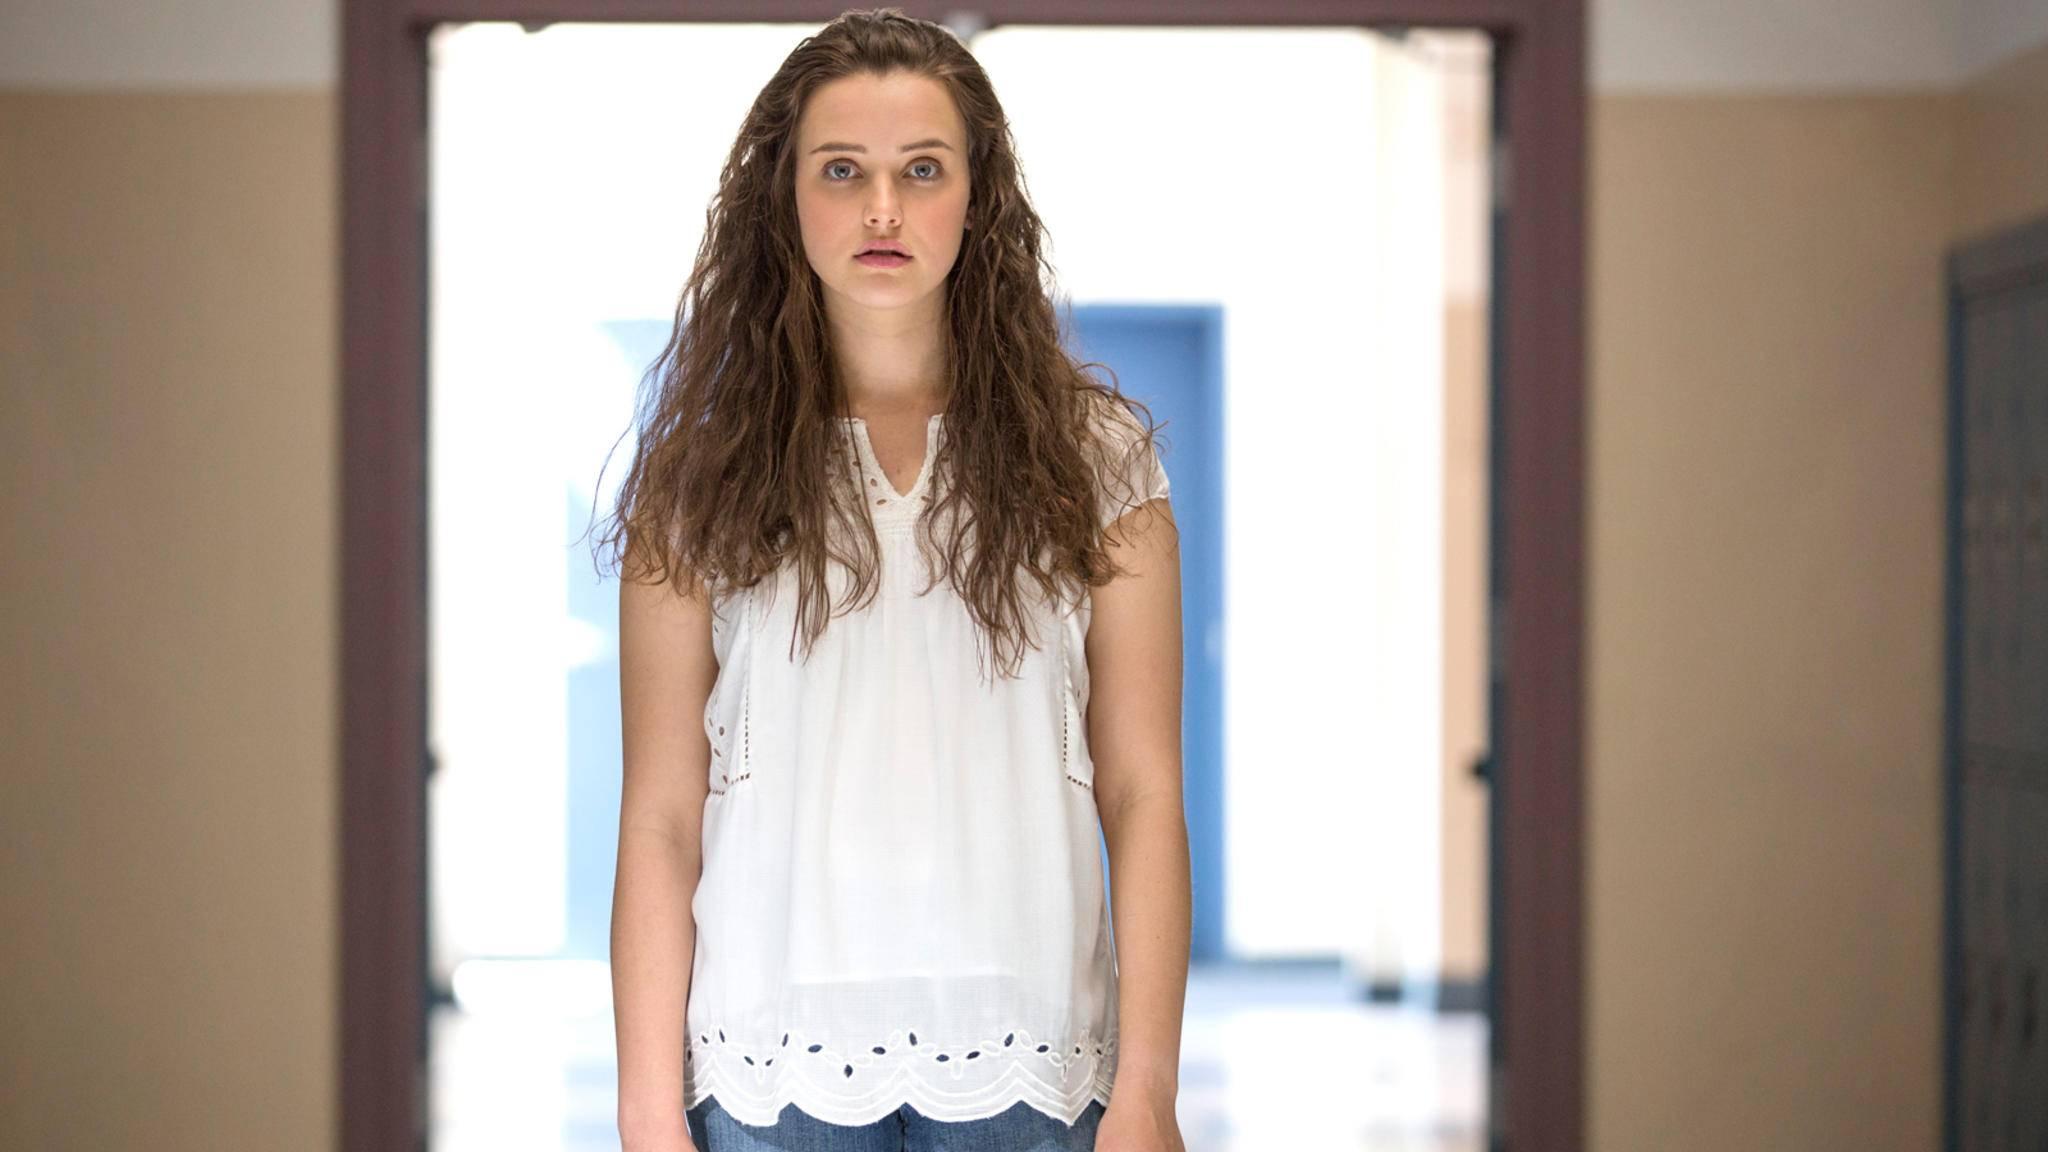 Welche dunklen Geheimnisse wird Hannah (Katherine Langford) in Staffel 2 wohl noch offenbaren?